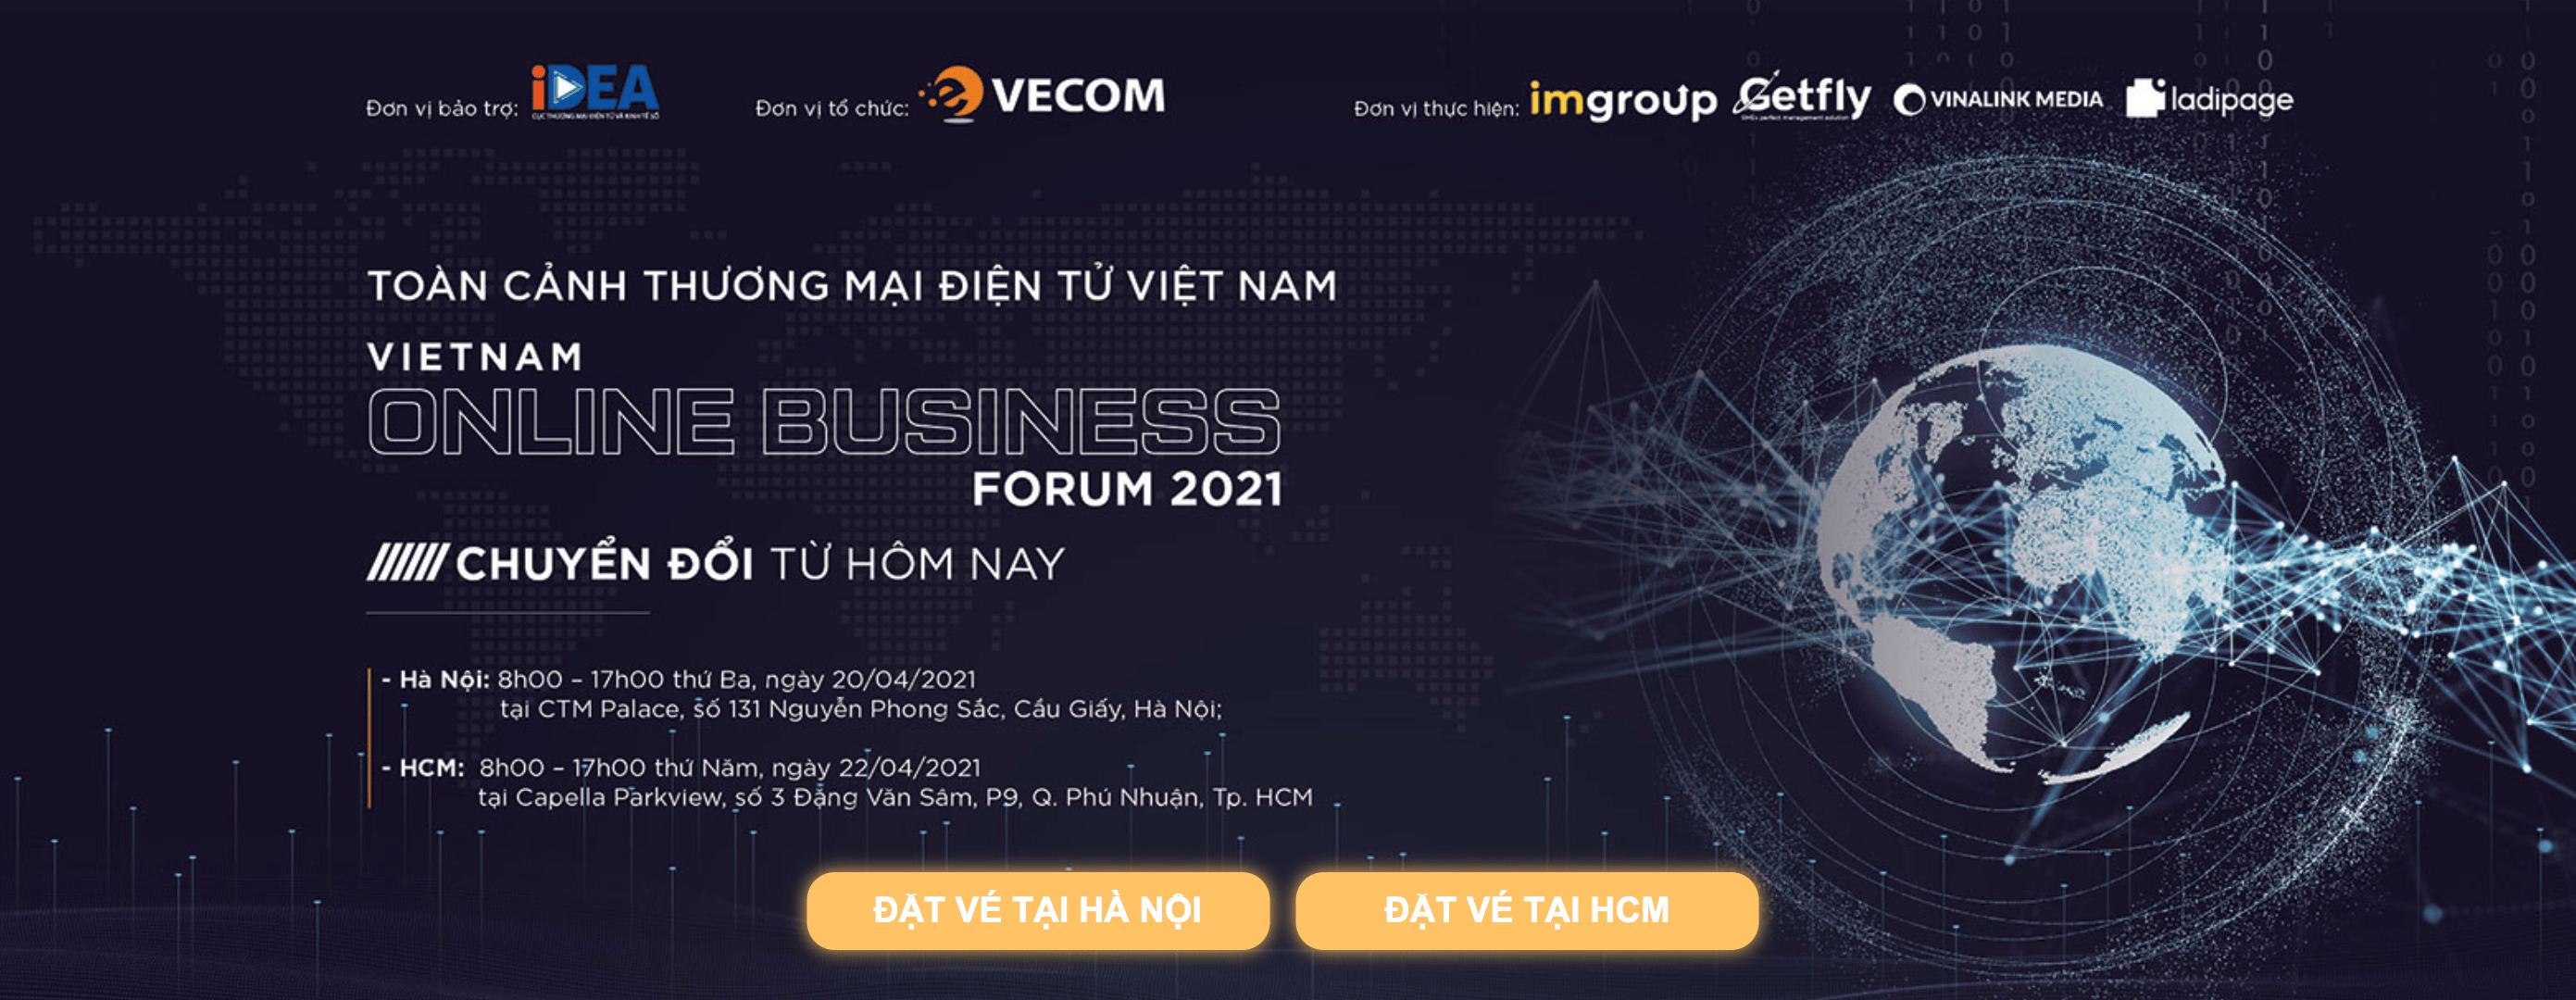 """SỰ KIỆN VOBF 2021: Diễn đàn Toàn cảnh thương mại điện tử Việt Nam với Chủ đề: """"Chuyển đổi từ hôm nay"""""""